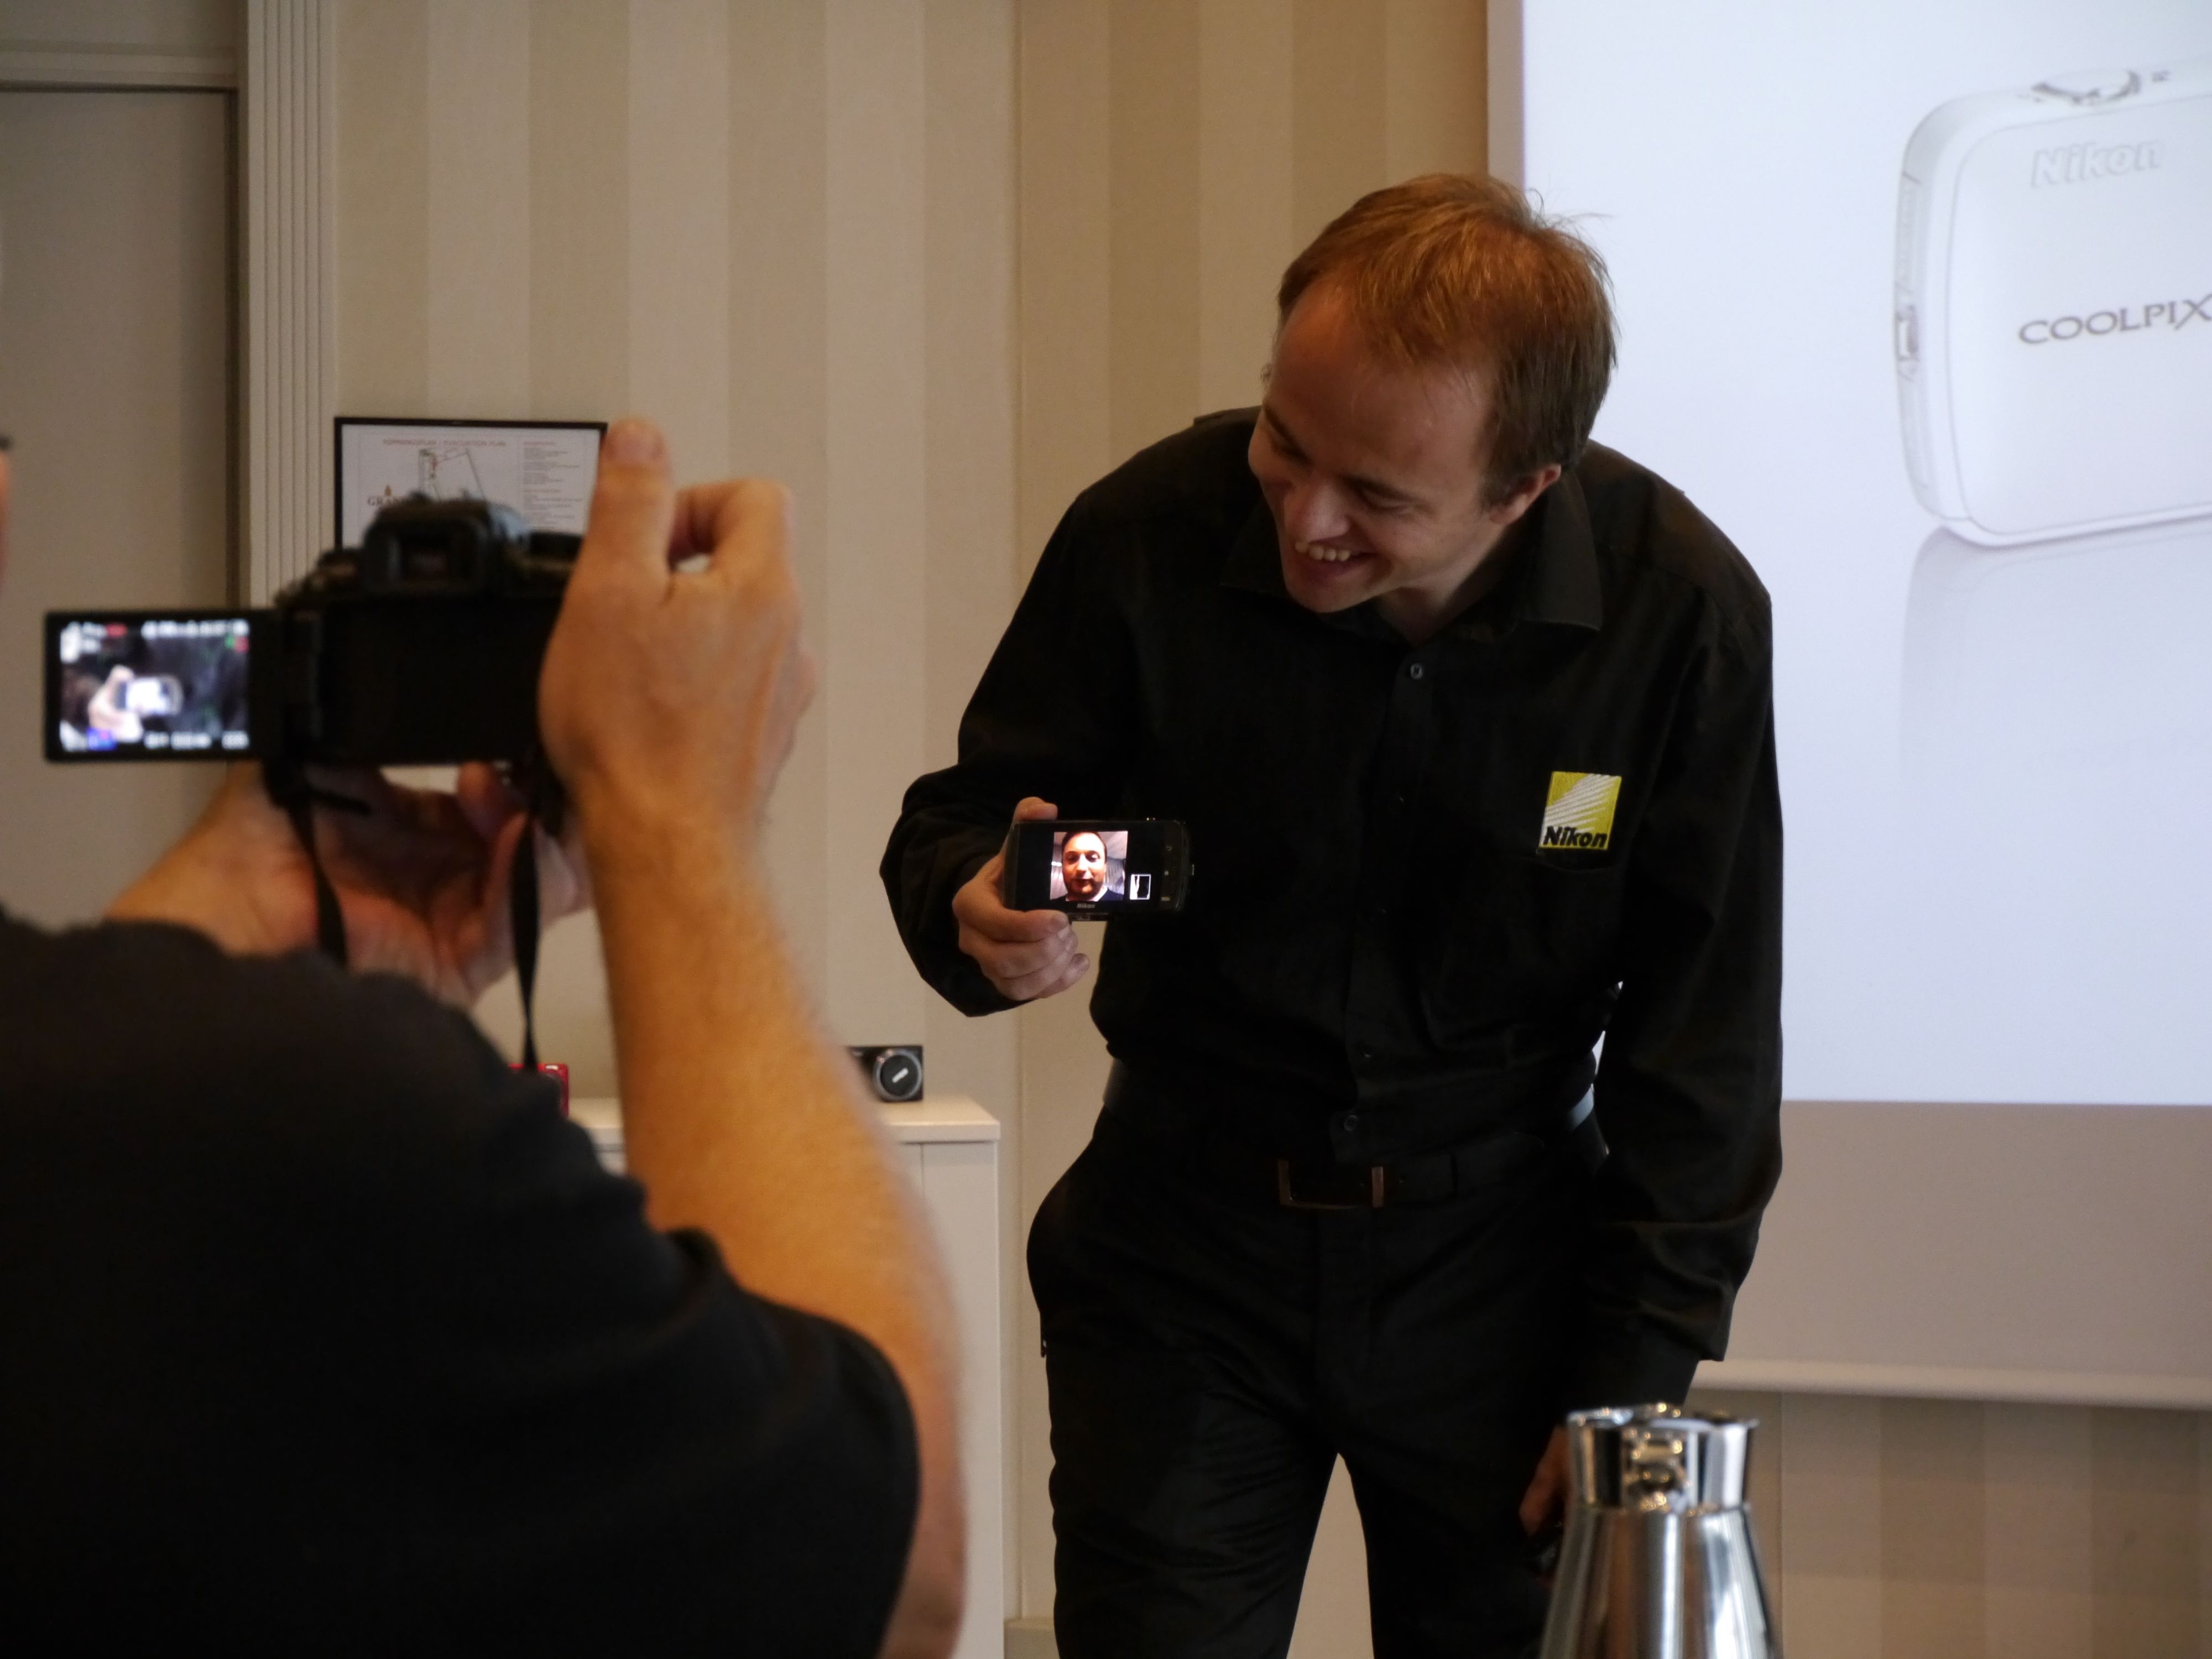 Nikons produktspesialist Jon Aasen viser frem det nye Androidkameraet Coolpix S800c.Foto: Paal Mork-Knutsen, Akam.no